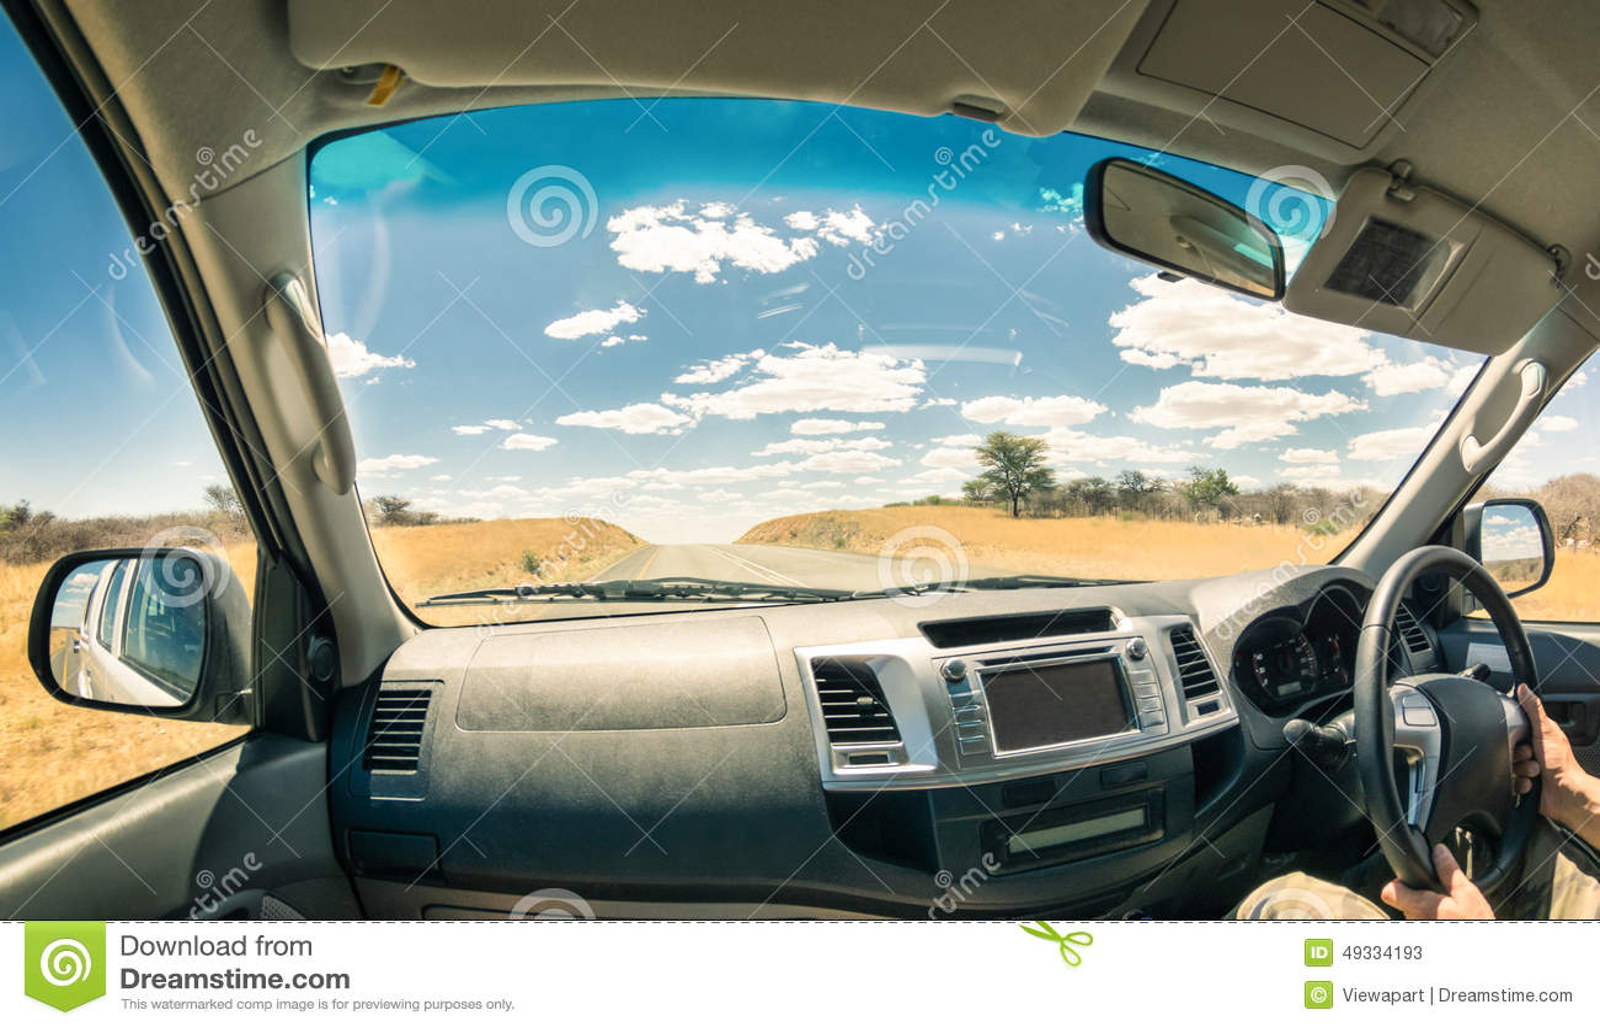 Auto cockpit straße  Szenische Auto-Fenster-Ansicht Stockfoto - Bild: 39751756